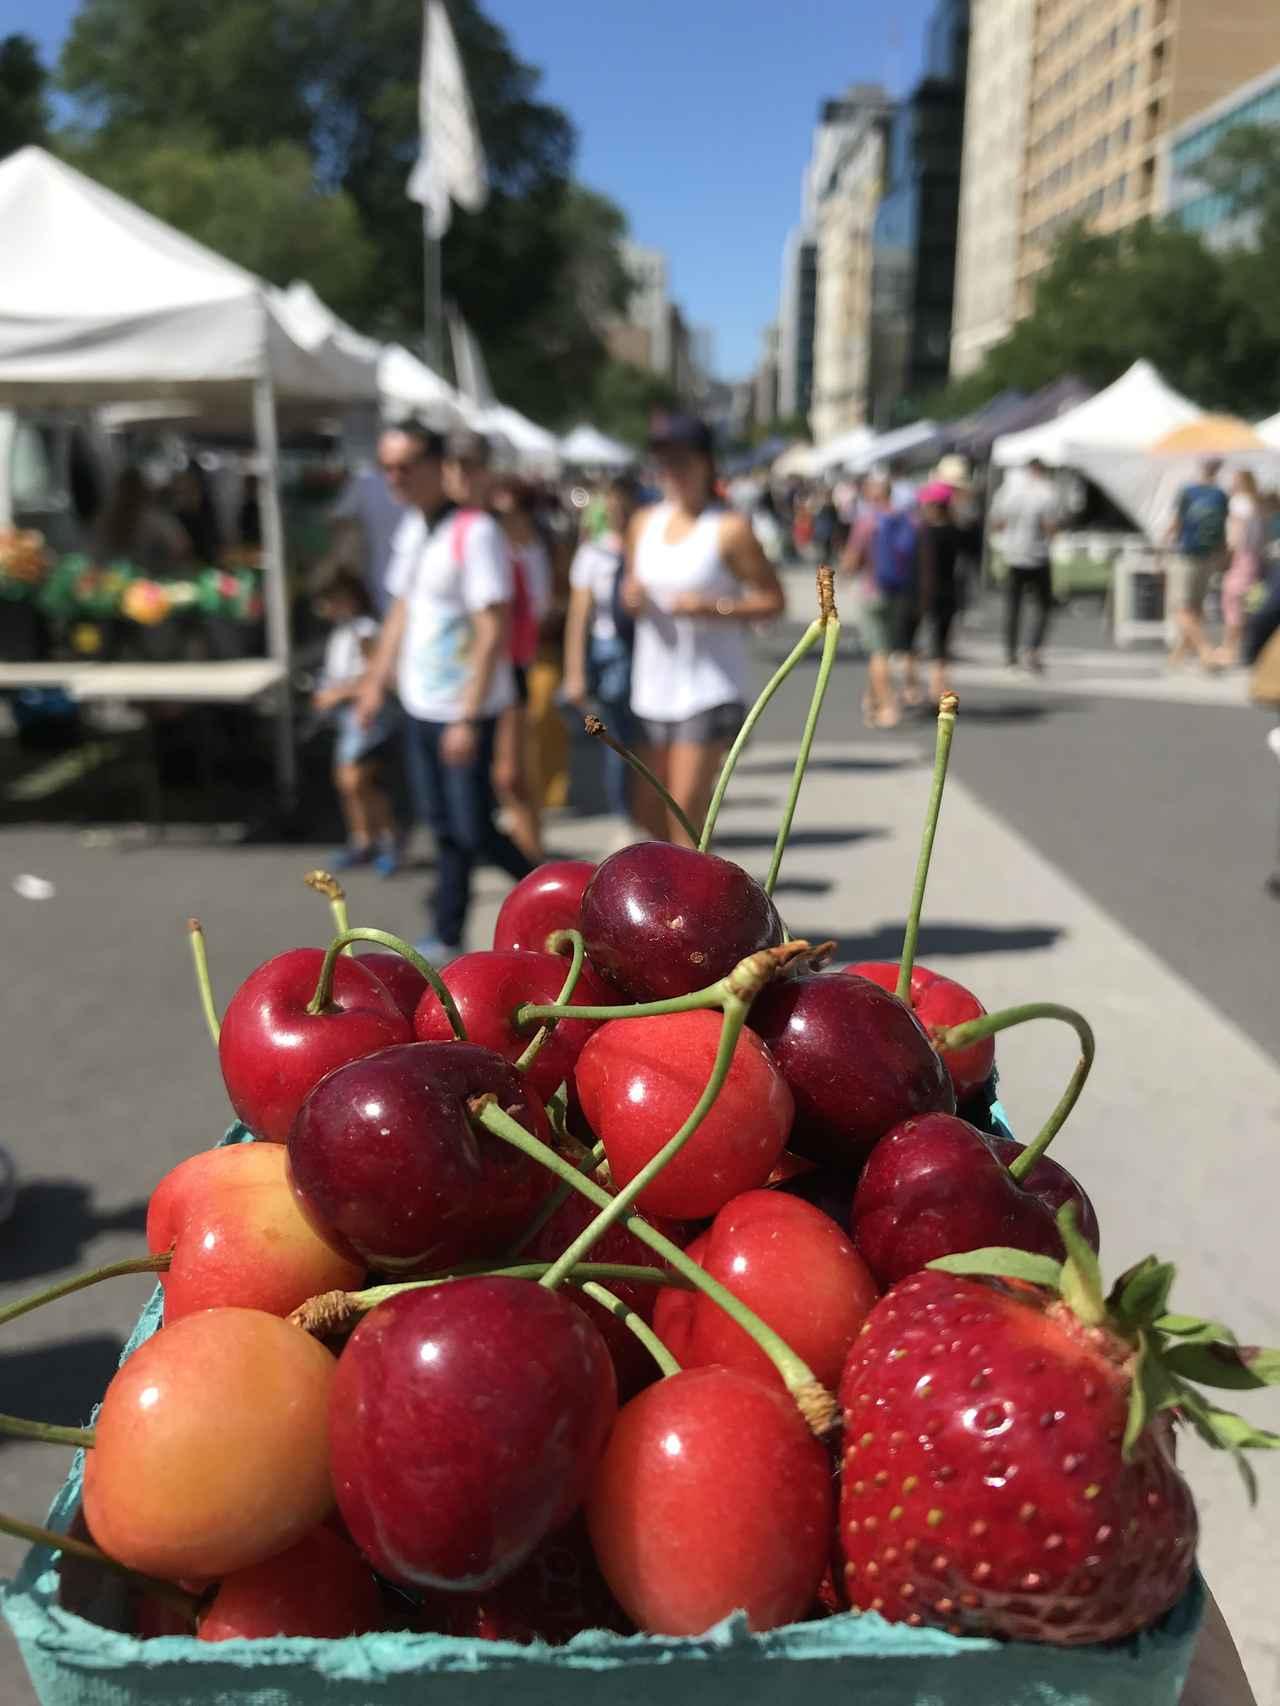 画像: 小谷あゆみ『ニューヨークの野菜マーケット事情‼️〜さくらんぼの巻〜ああ、自分はいま旅をしていると思った。』